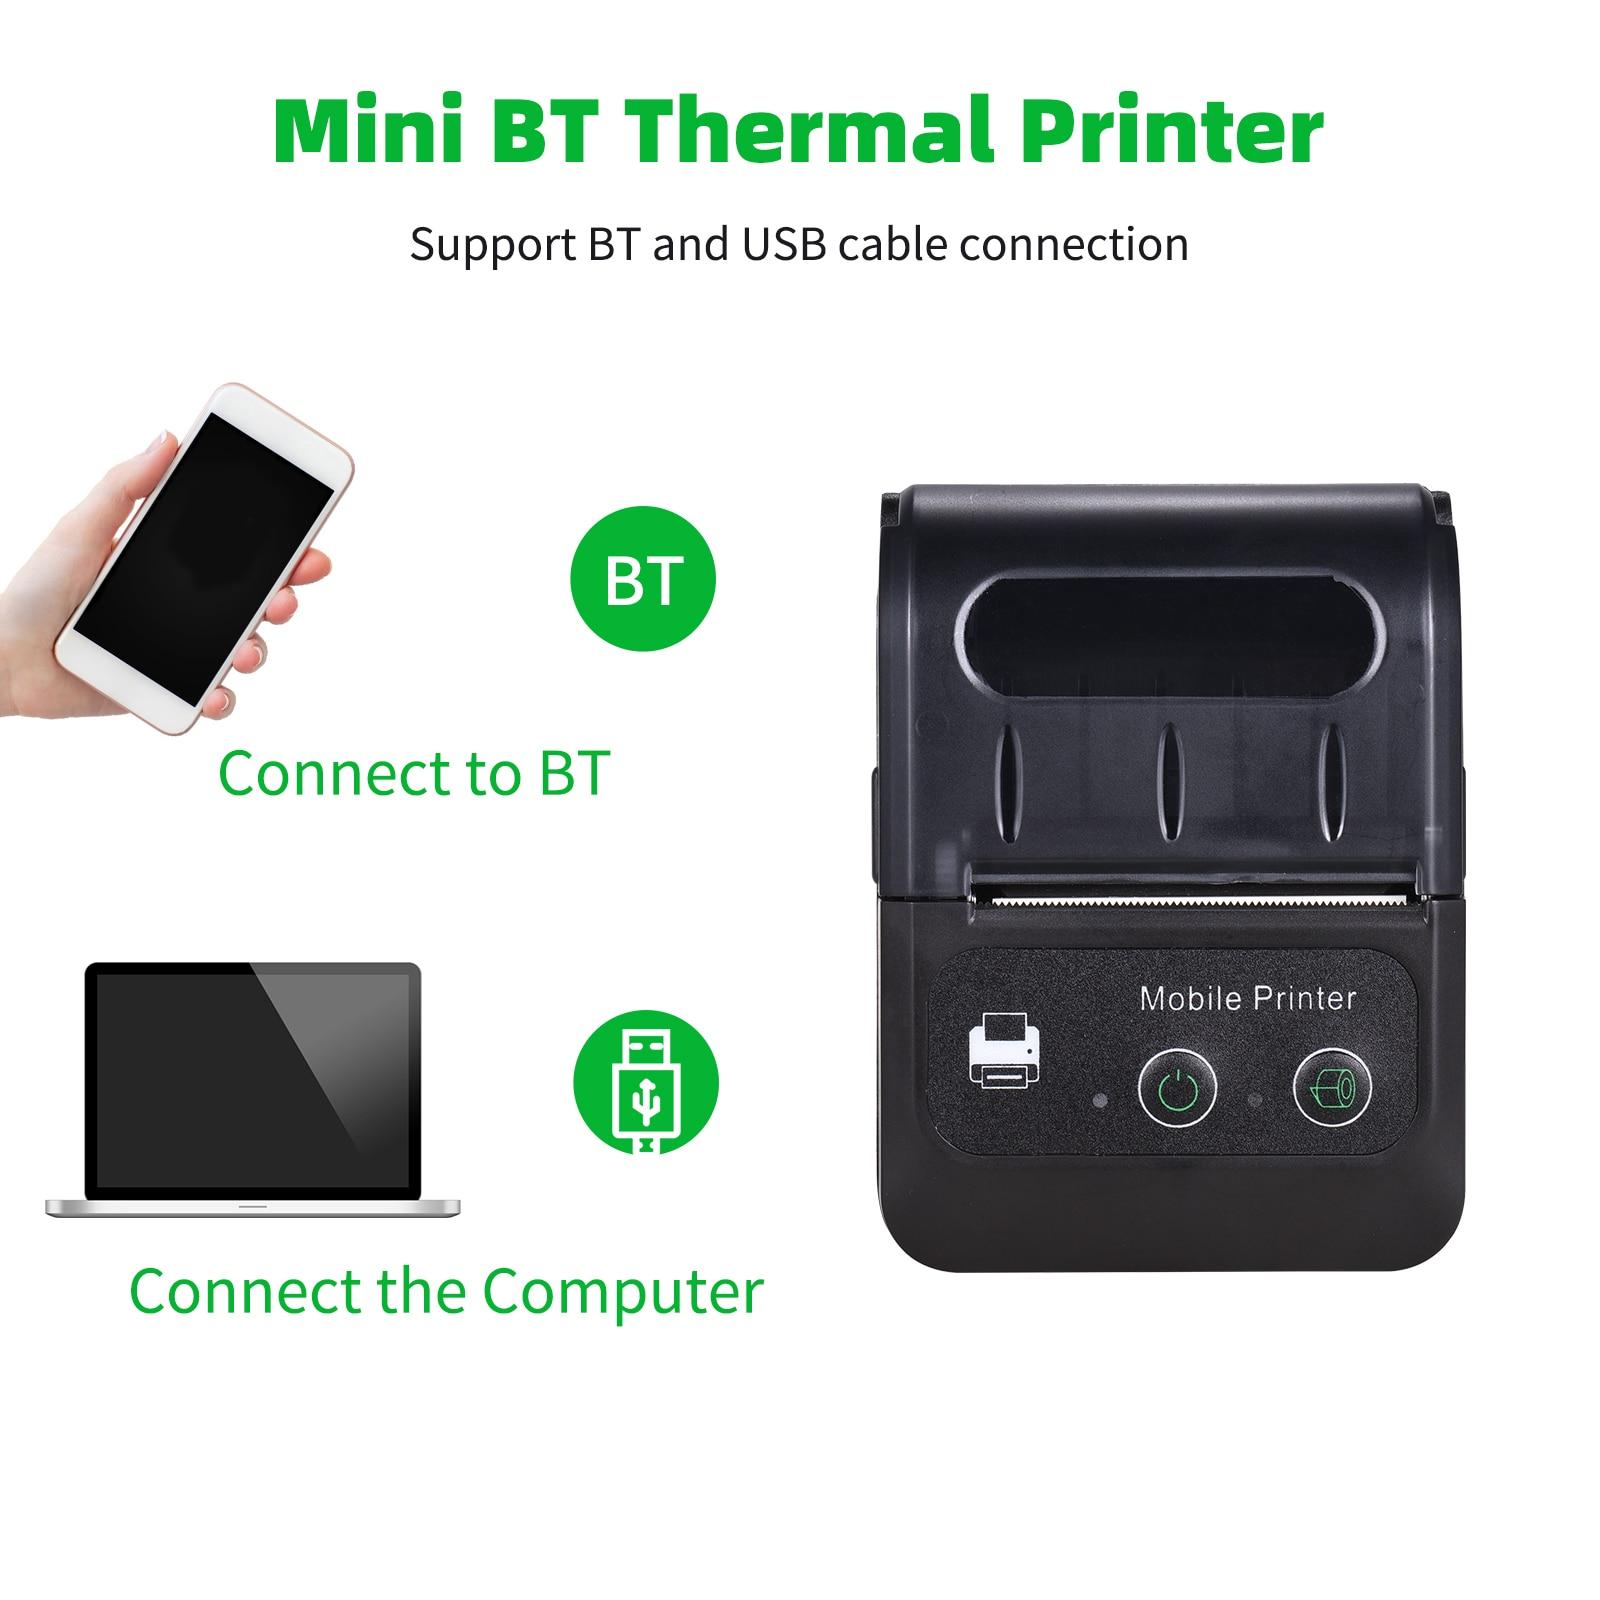 Дешевый Термопринтер для чеков 58 мм с портом USB и Bluetooth, совместим с телефонами на платформе Android и iOS